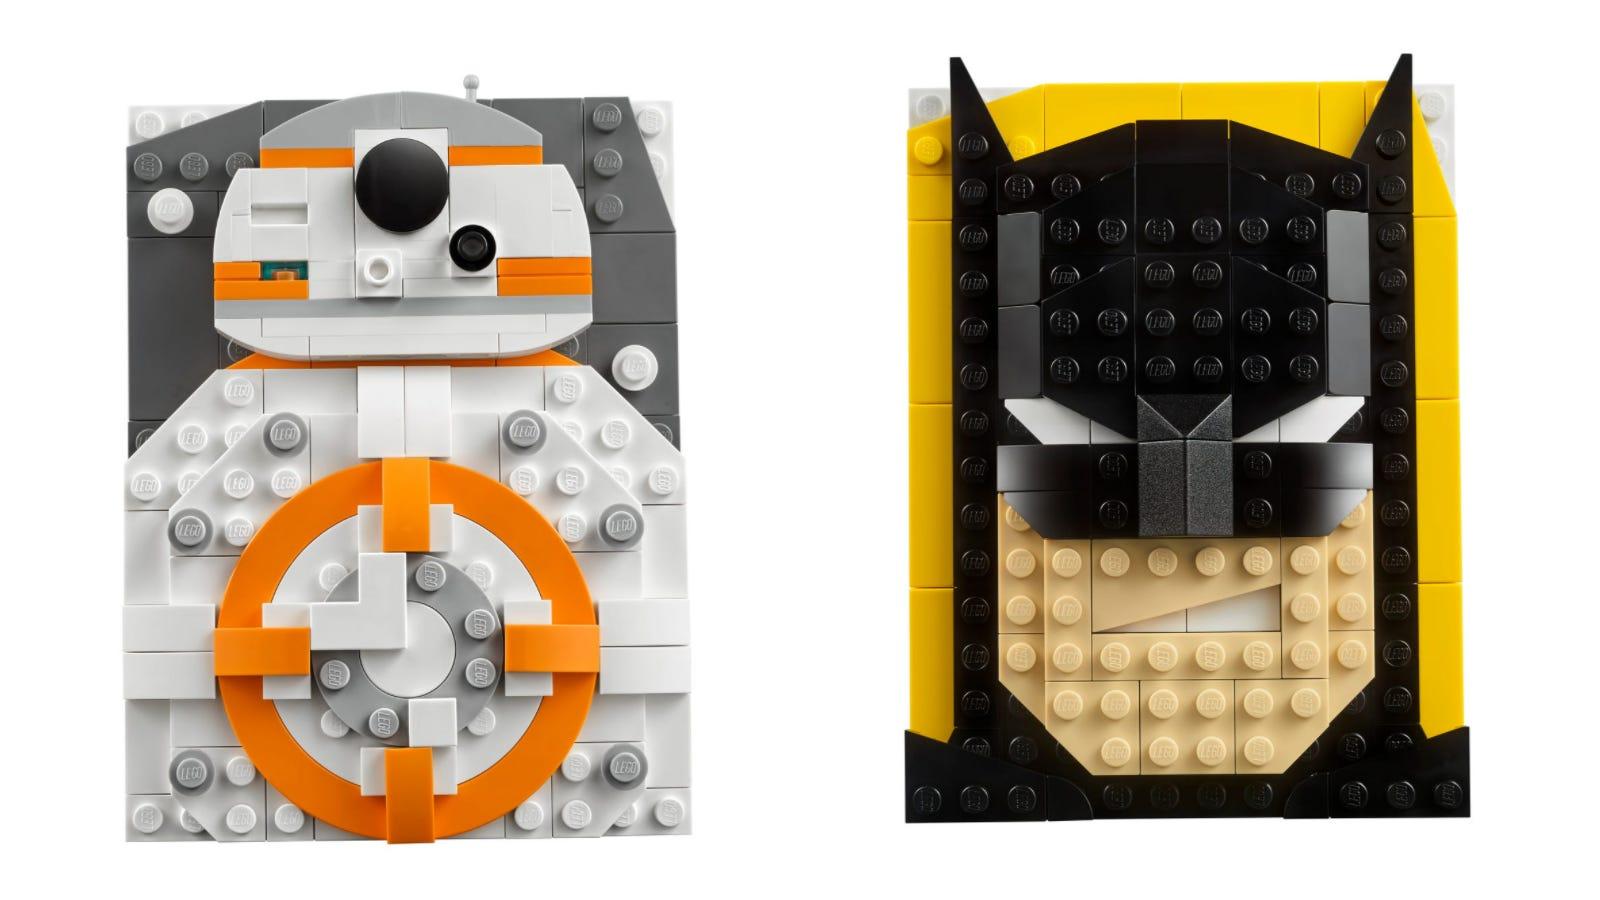 LEGO Brick Sketches BB-8 and Batman sets